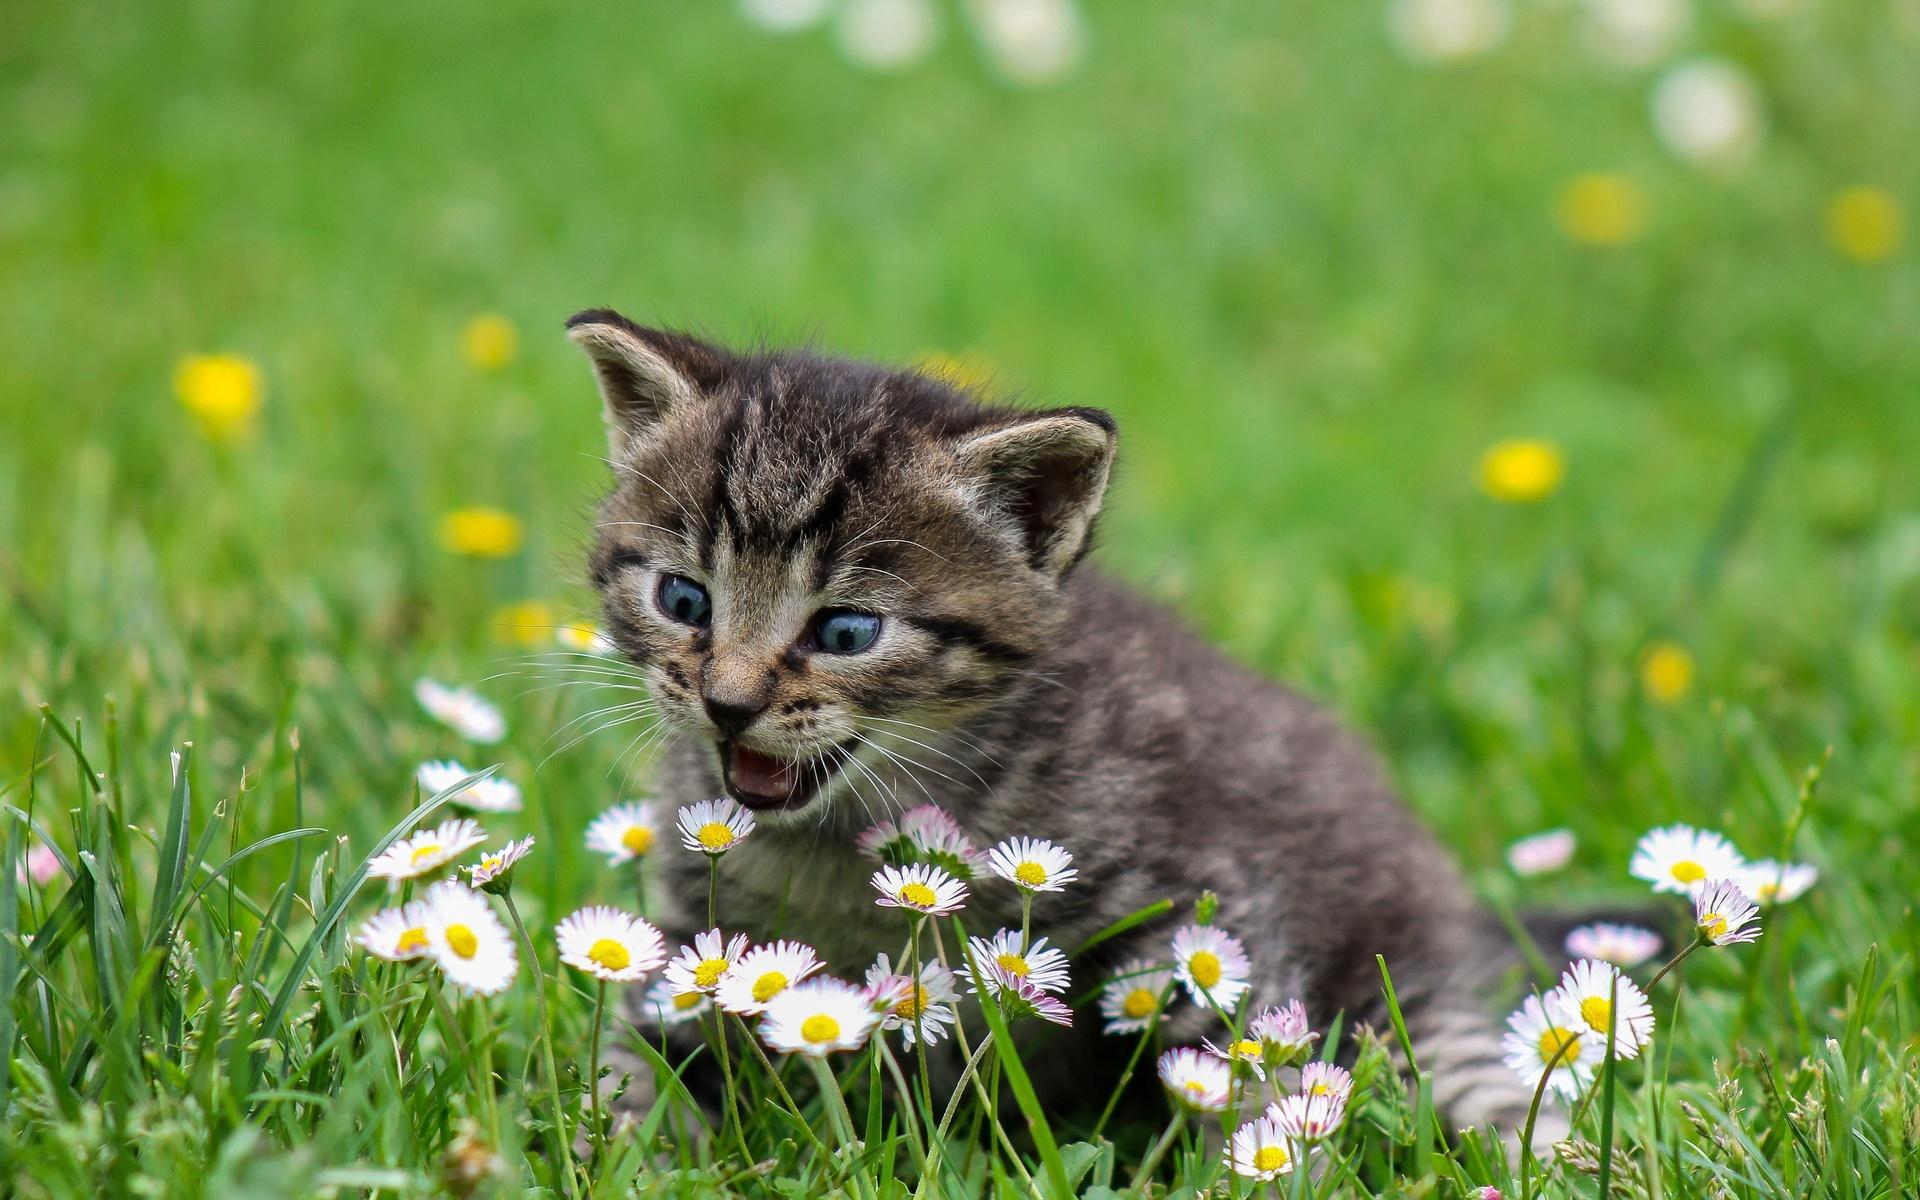 животное, котёнок, детёныш, природа, лето, трава, цветы, маргаритки